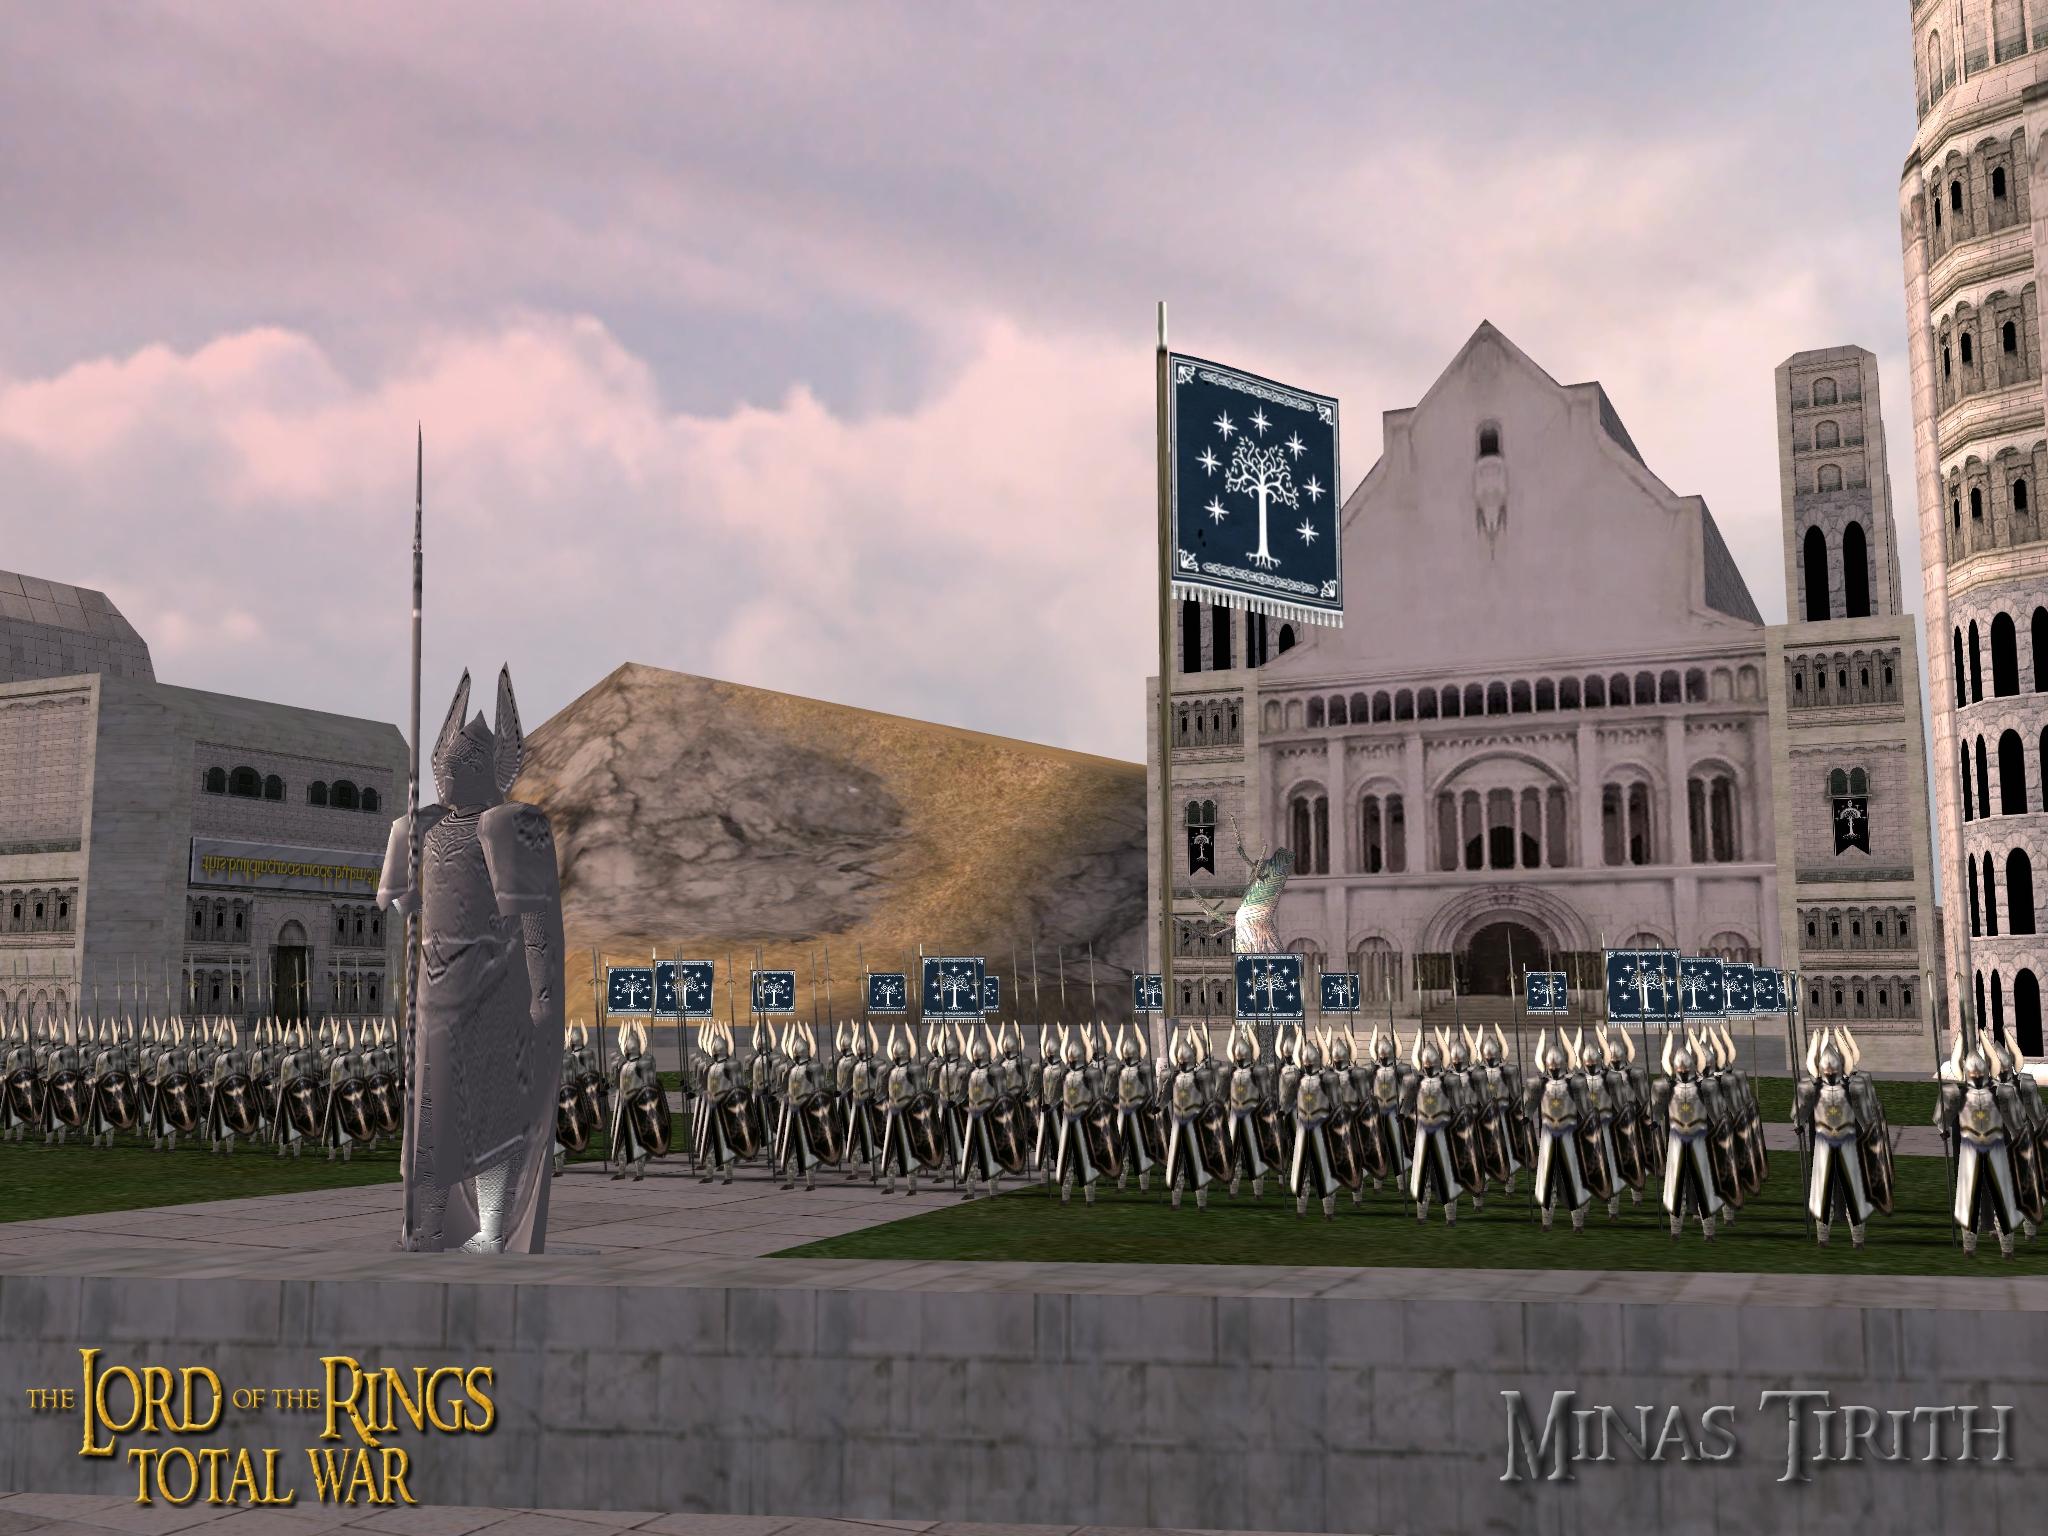 Minas Tirith - the Citadel